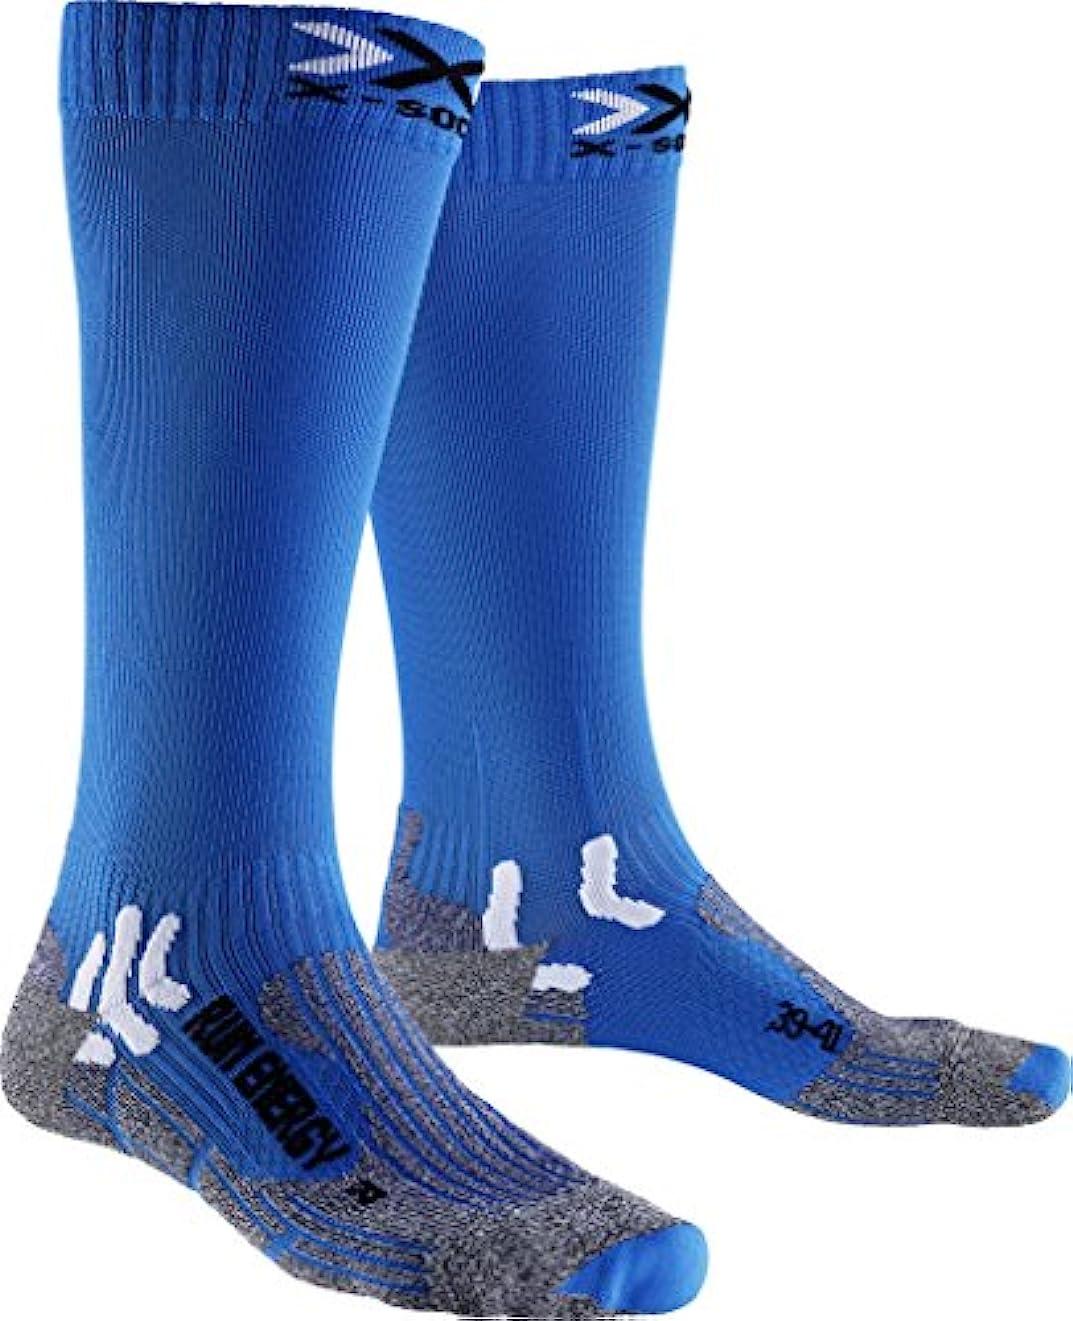 債務者不規則性辛いメンズとレディース1ペアx-socks実行Energiser圧縮ソックス